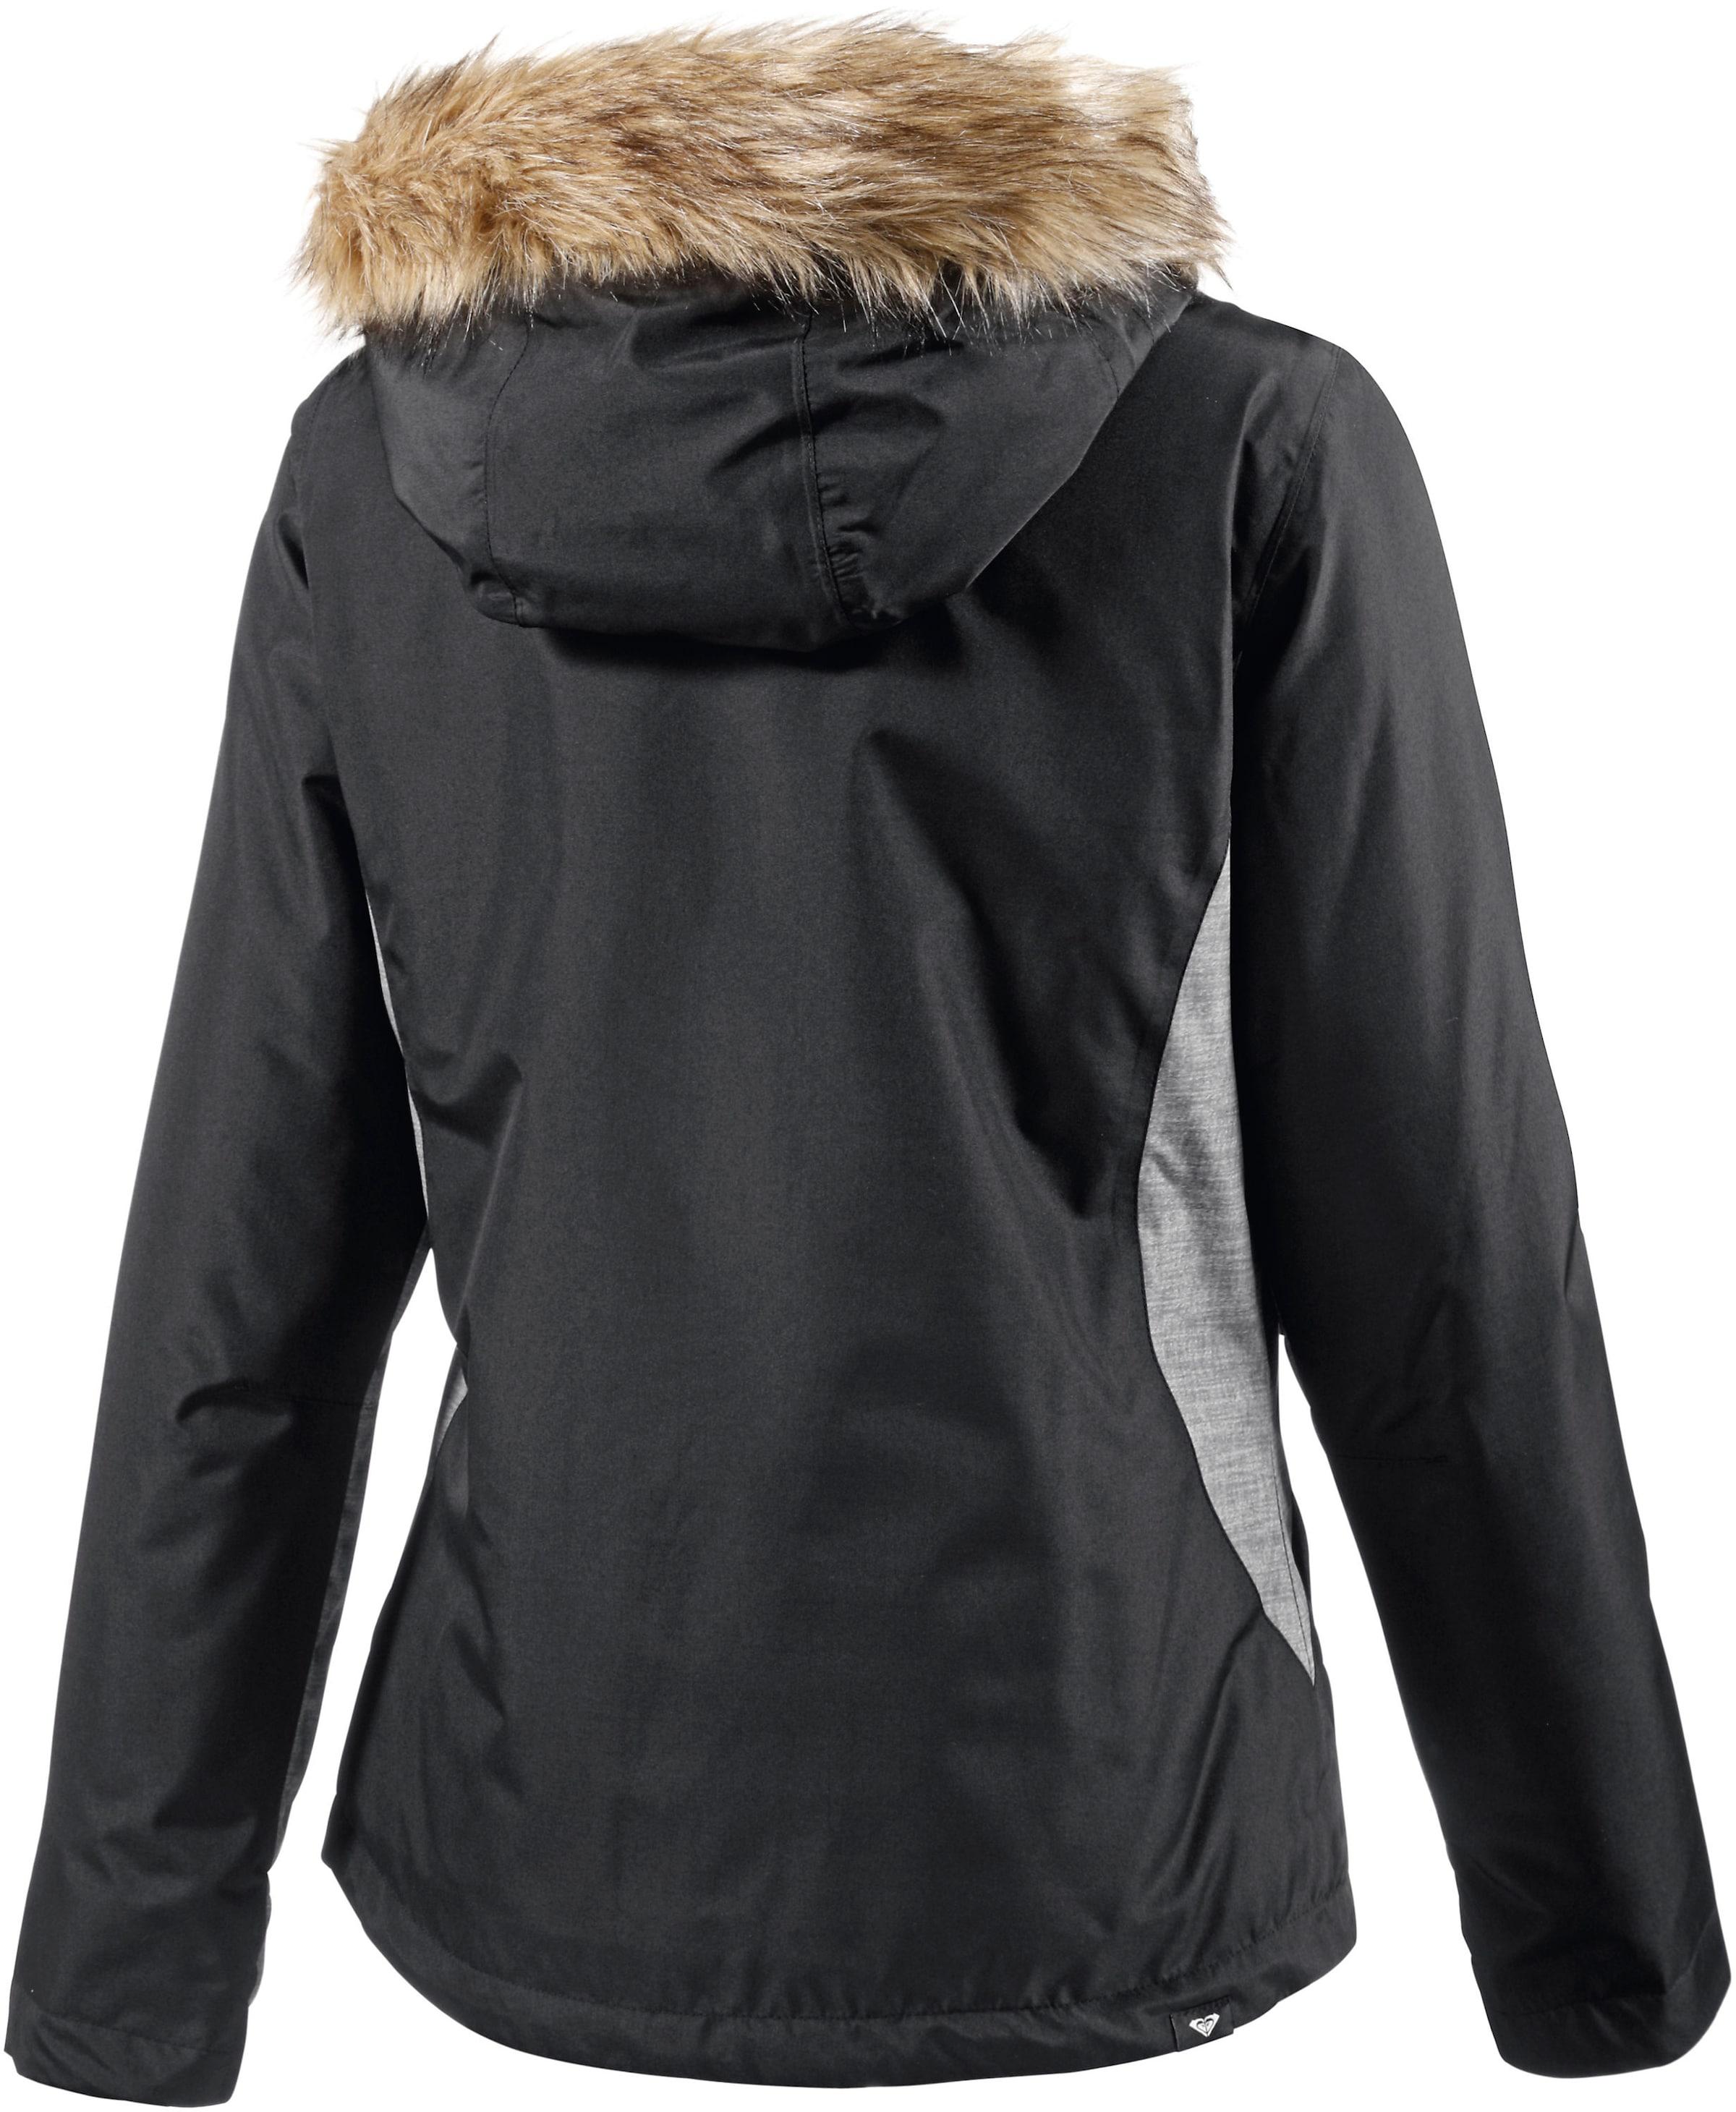 Billige Wahl ROXY Winter White Snowboardjacke Neue Online-Verkauf NClWb